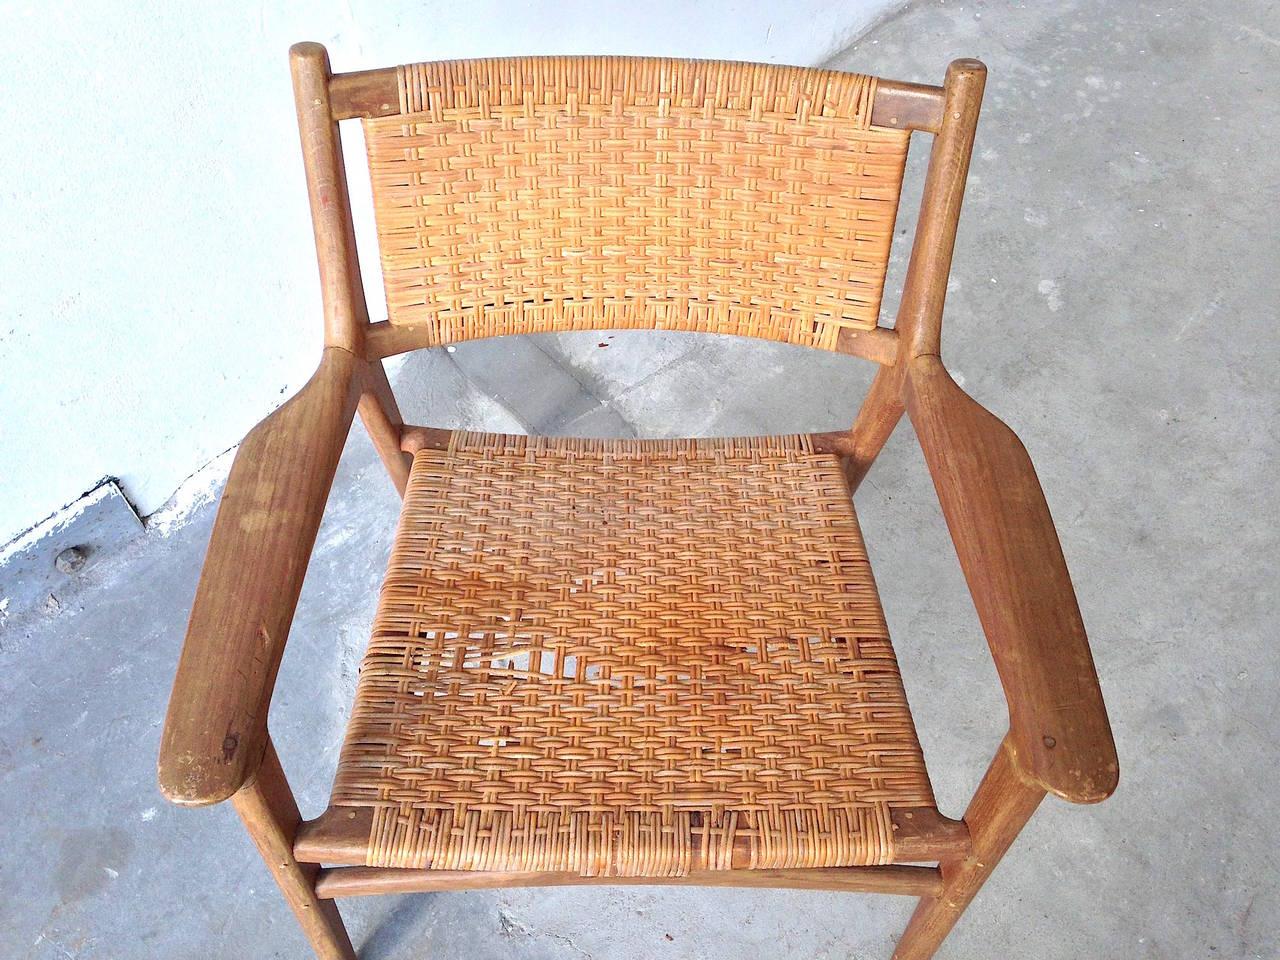 cane easy chair fisher price ez clean high hans j wegner for johannes hansen teak